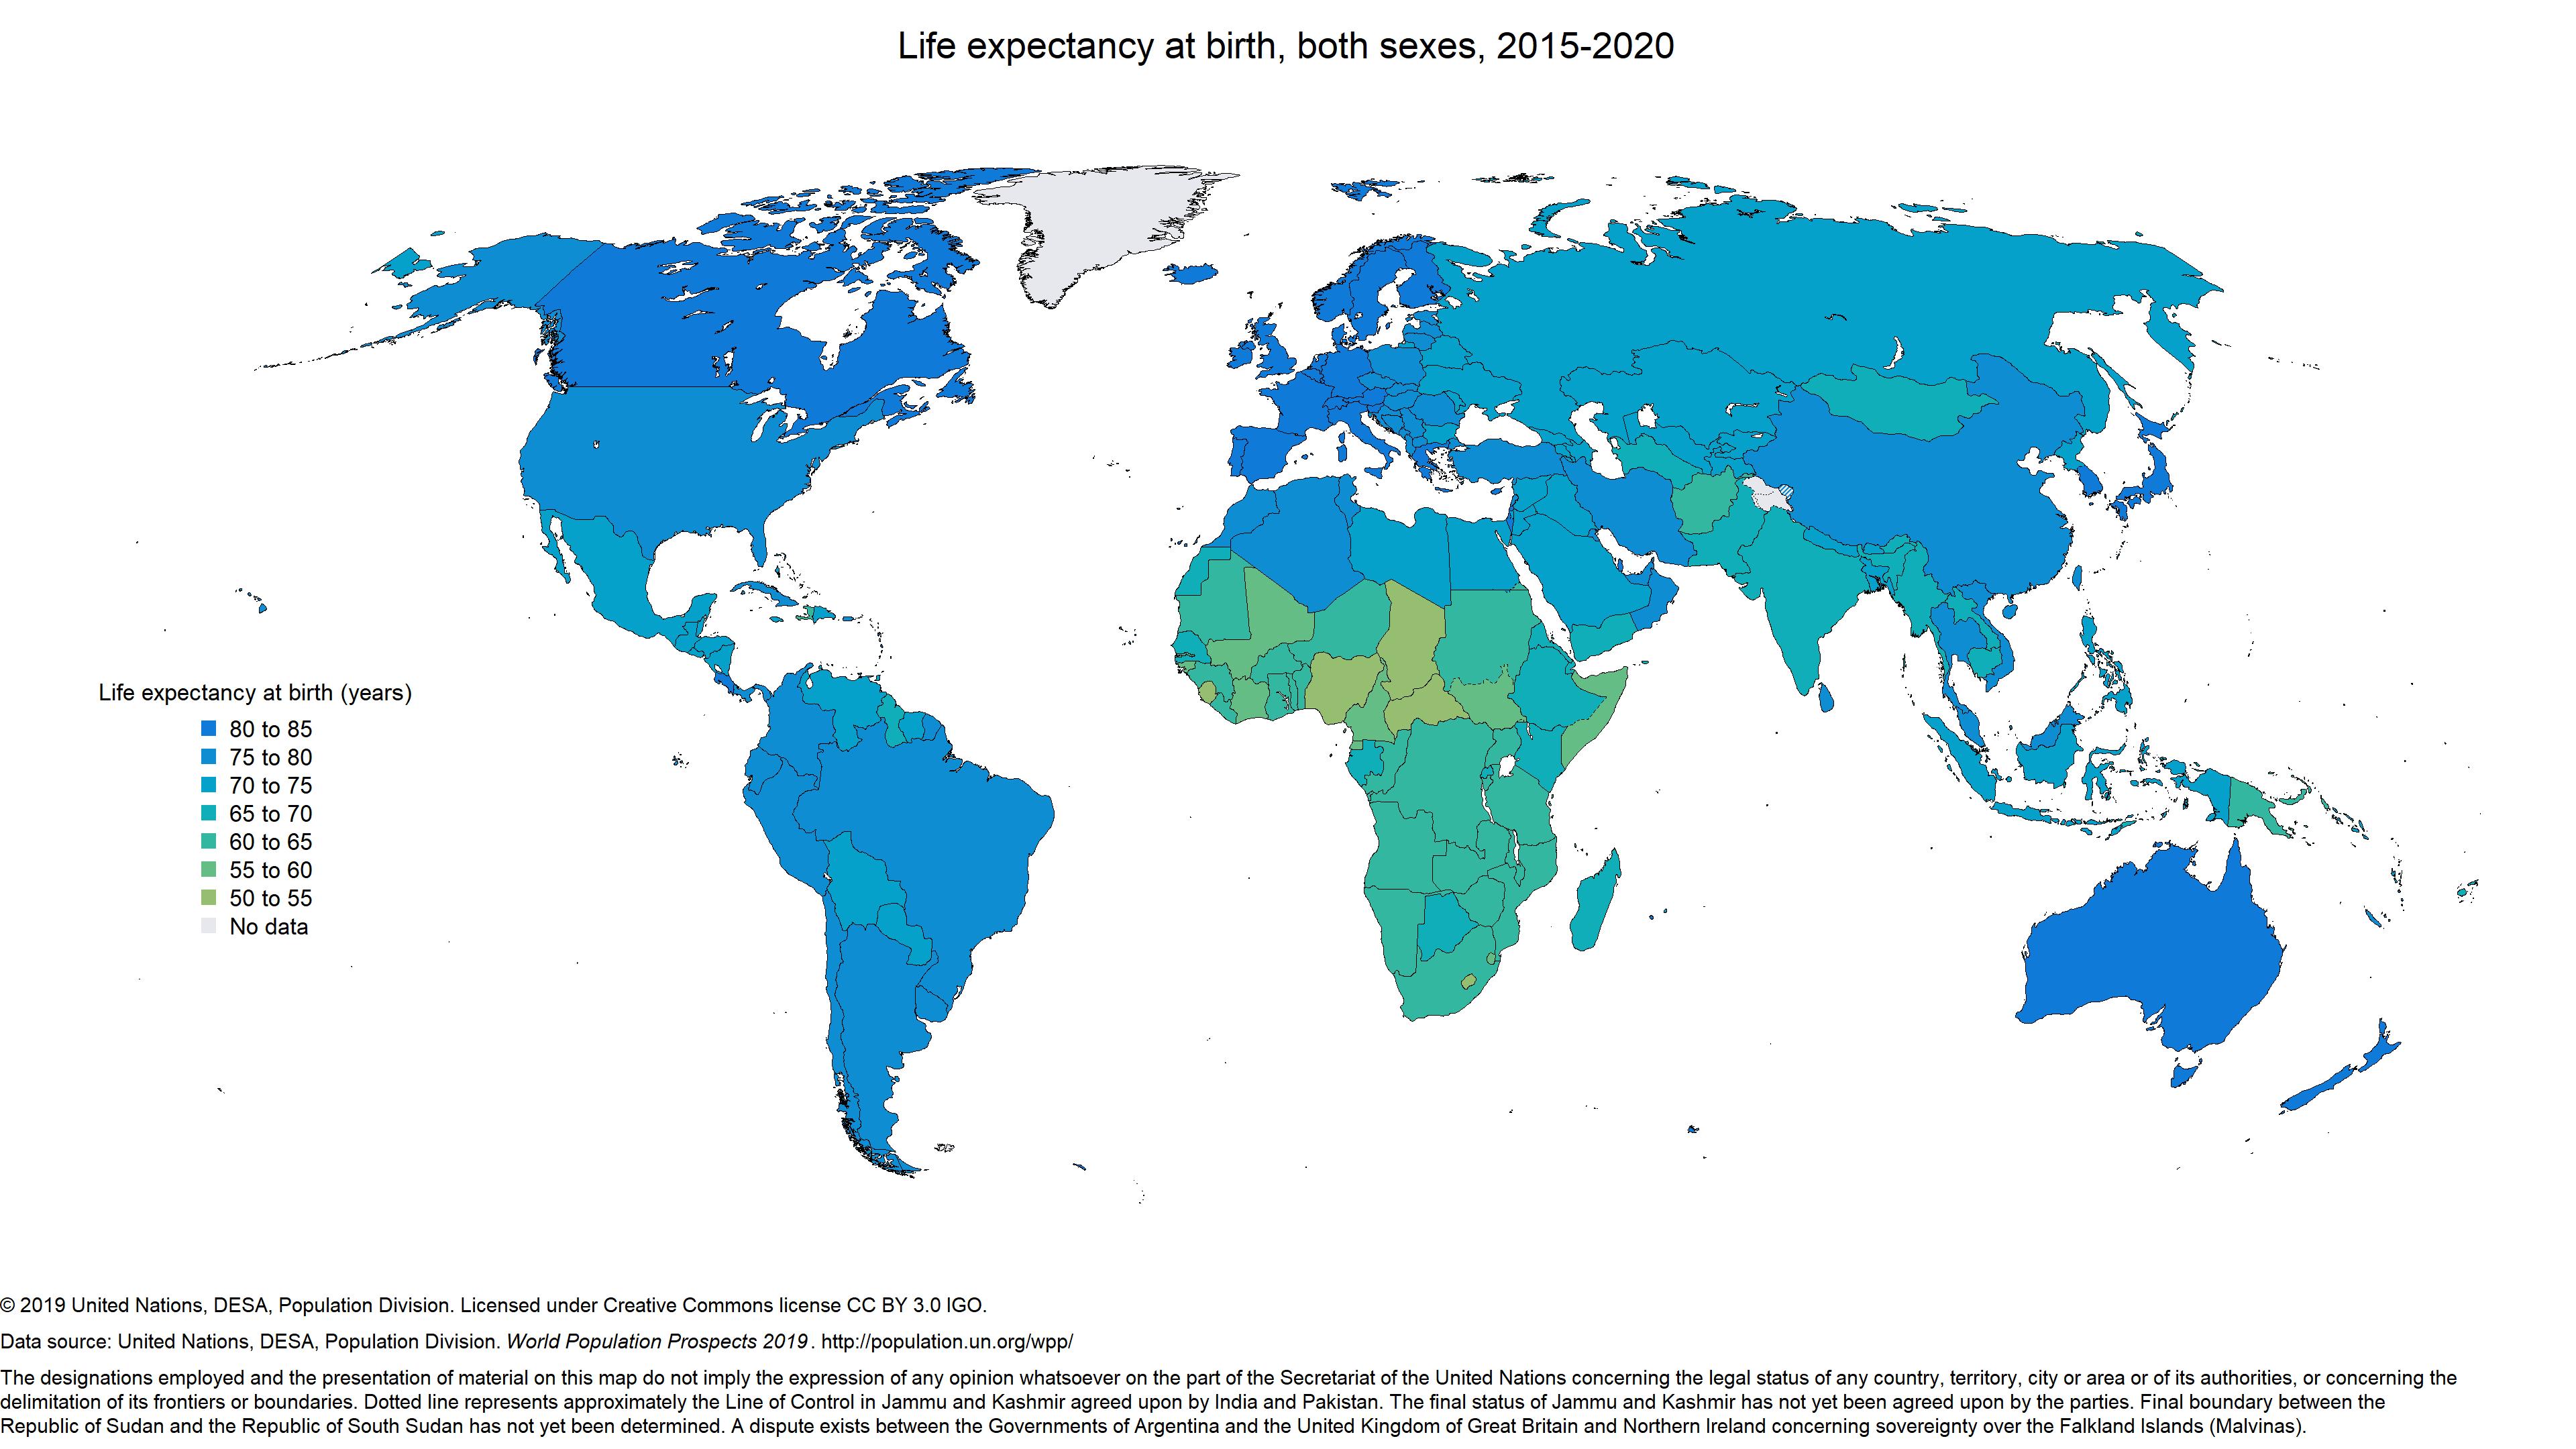 Monde - Espérance de vie (2015-2020)